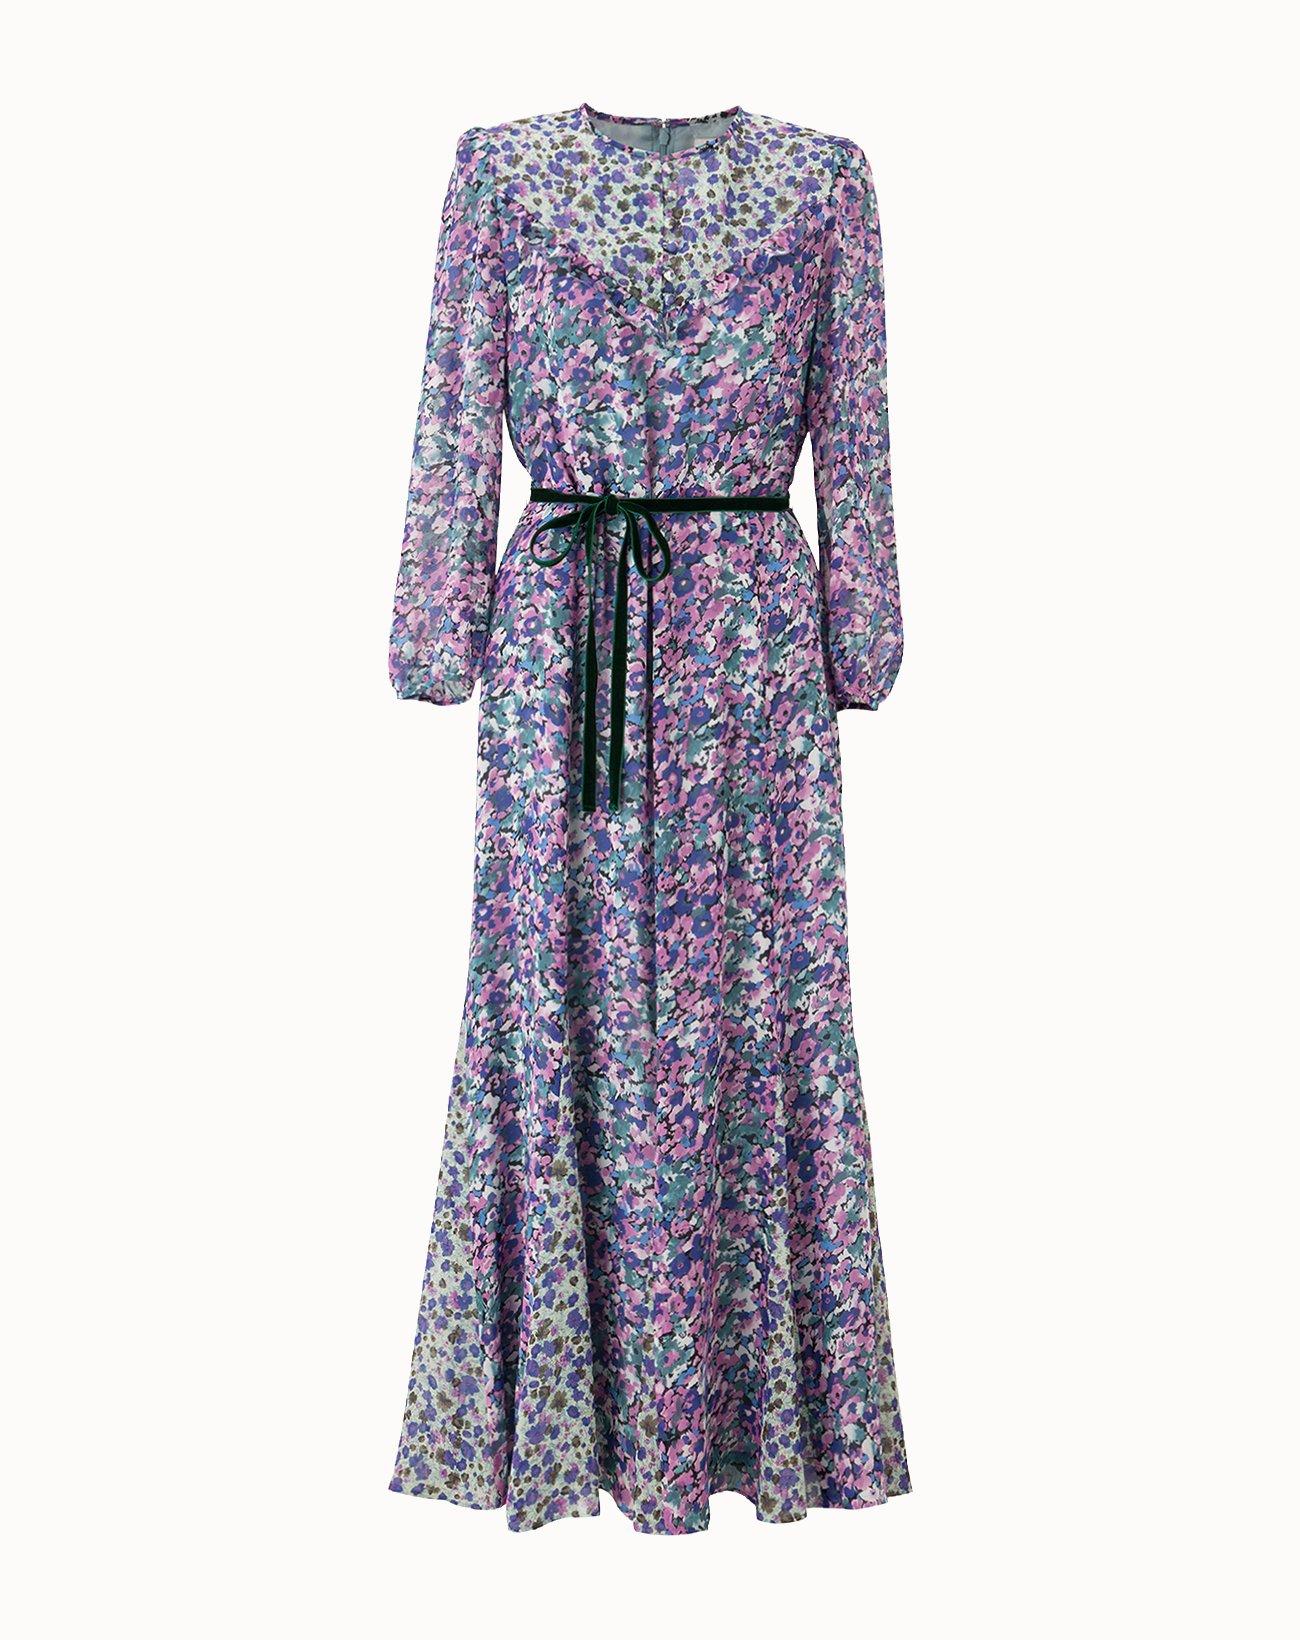 leur logette - ONLINE Limited  Edition Dress - Purple